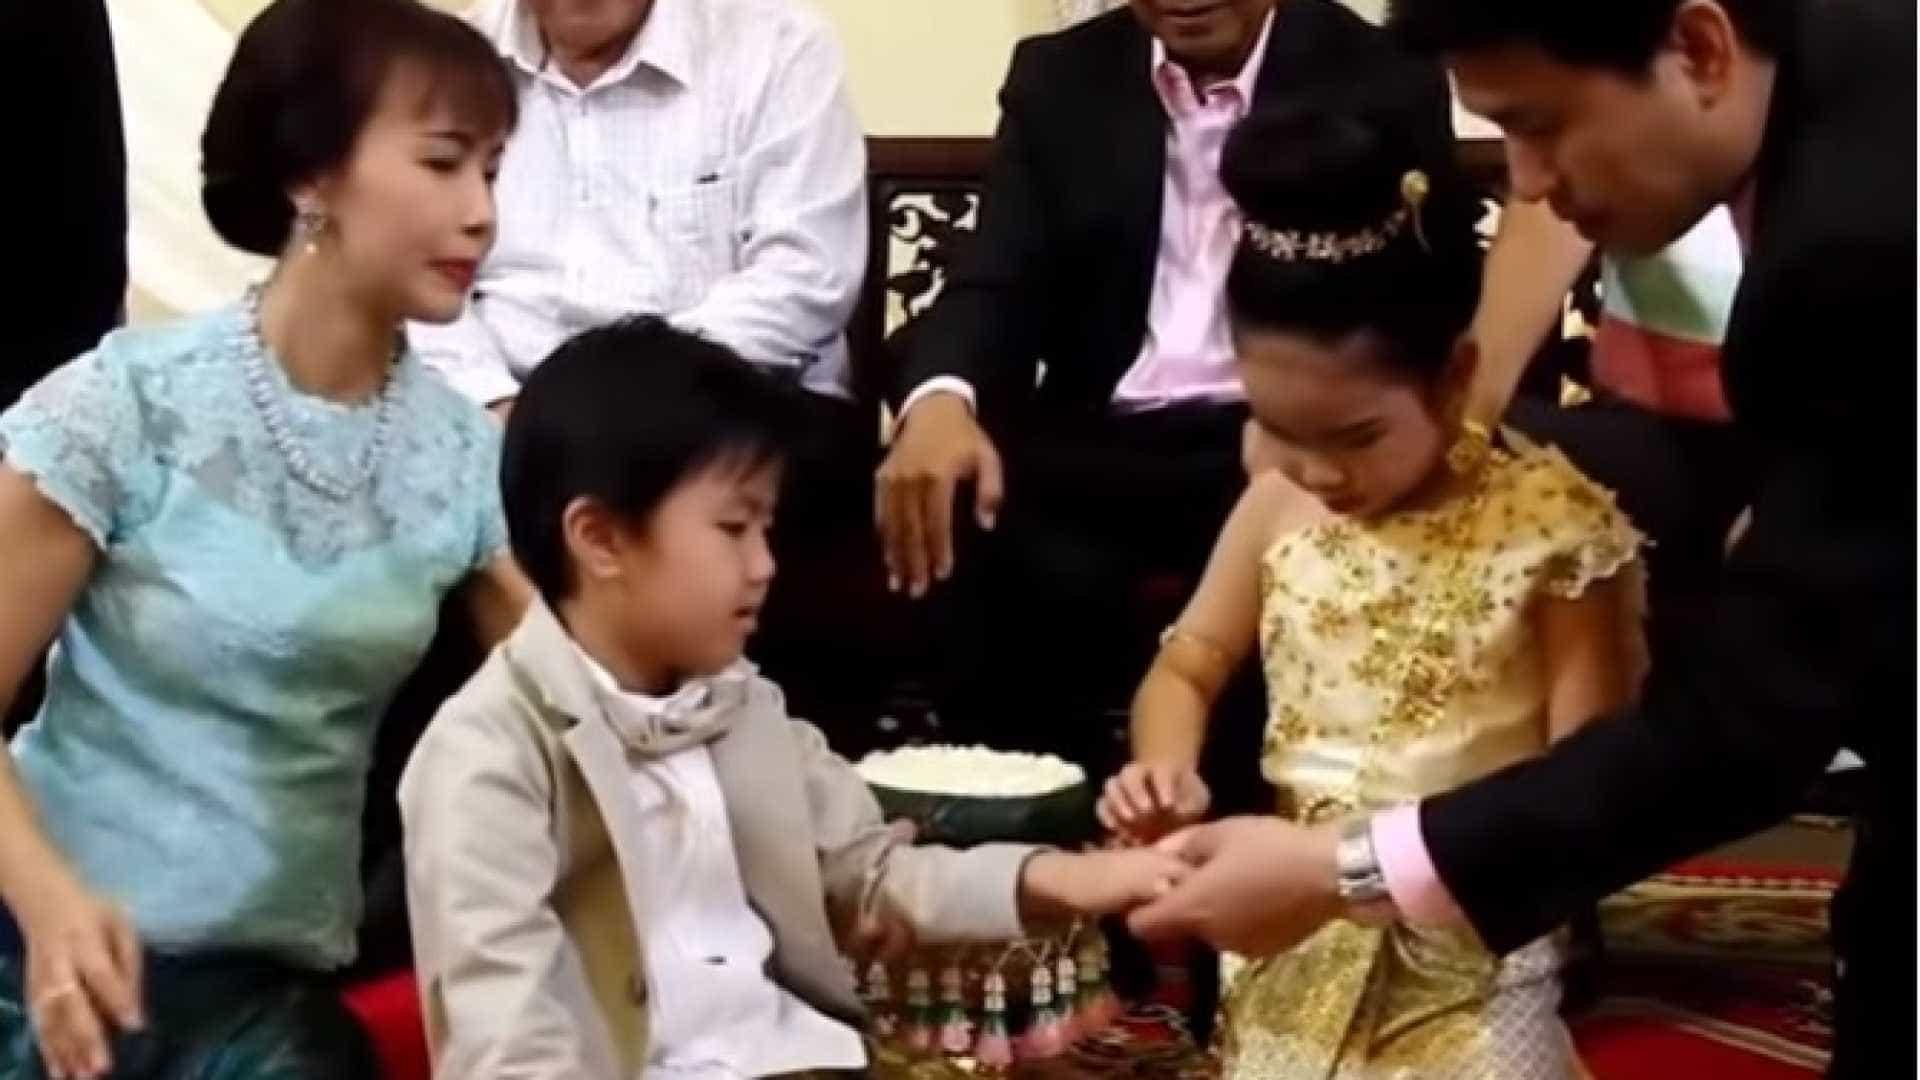 Pais casam filhos de 6 anos por crerem que foram amantes no passado